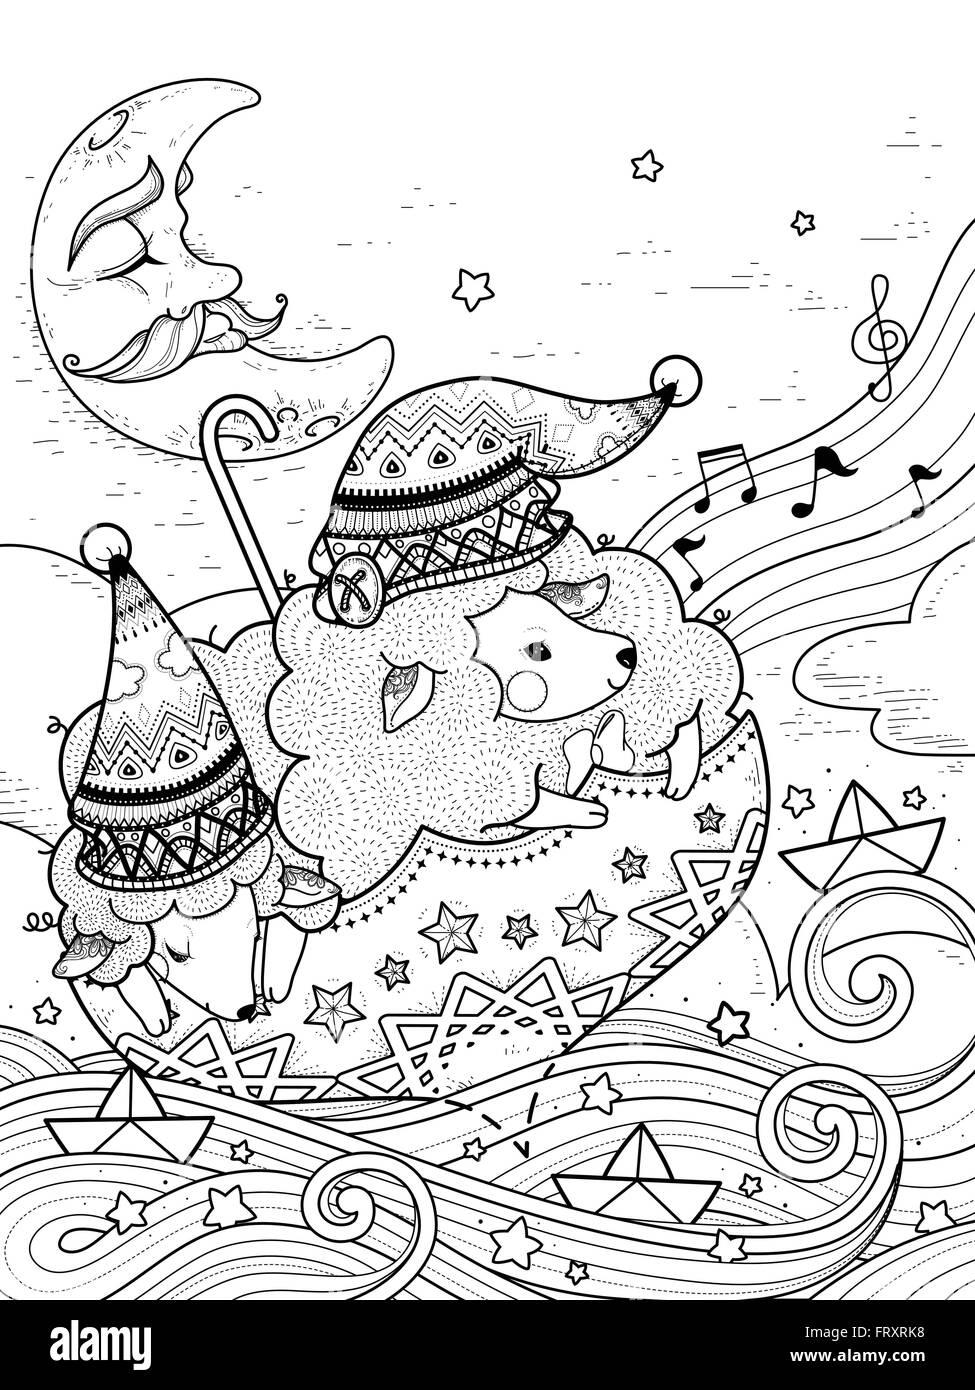 Gemütlich Sternenklare Nacht Druckbare Malvorlagen Zeitgenössisch ...